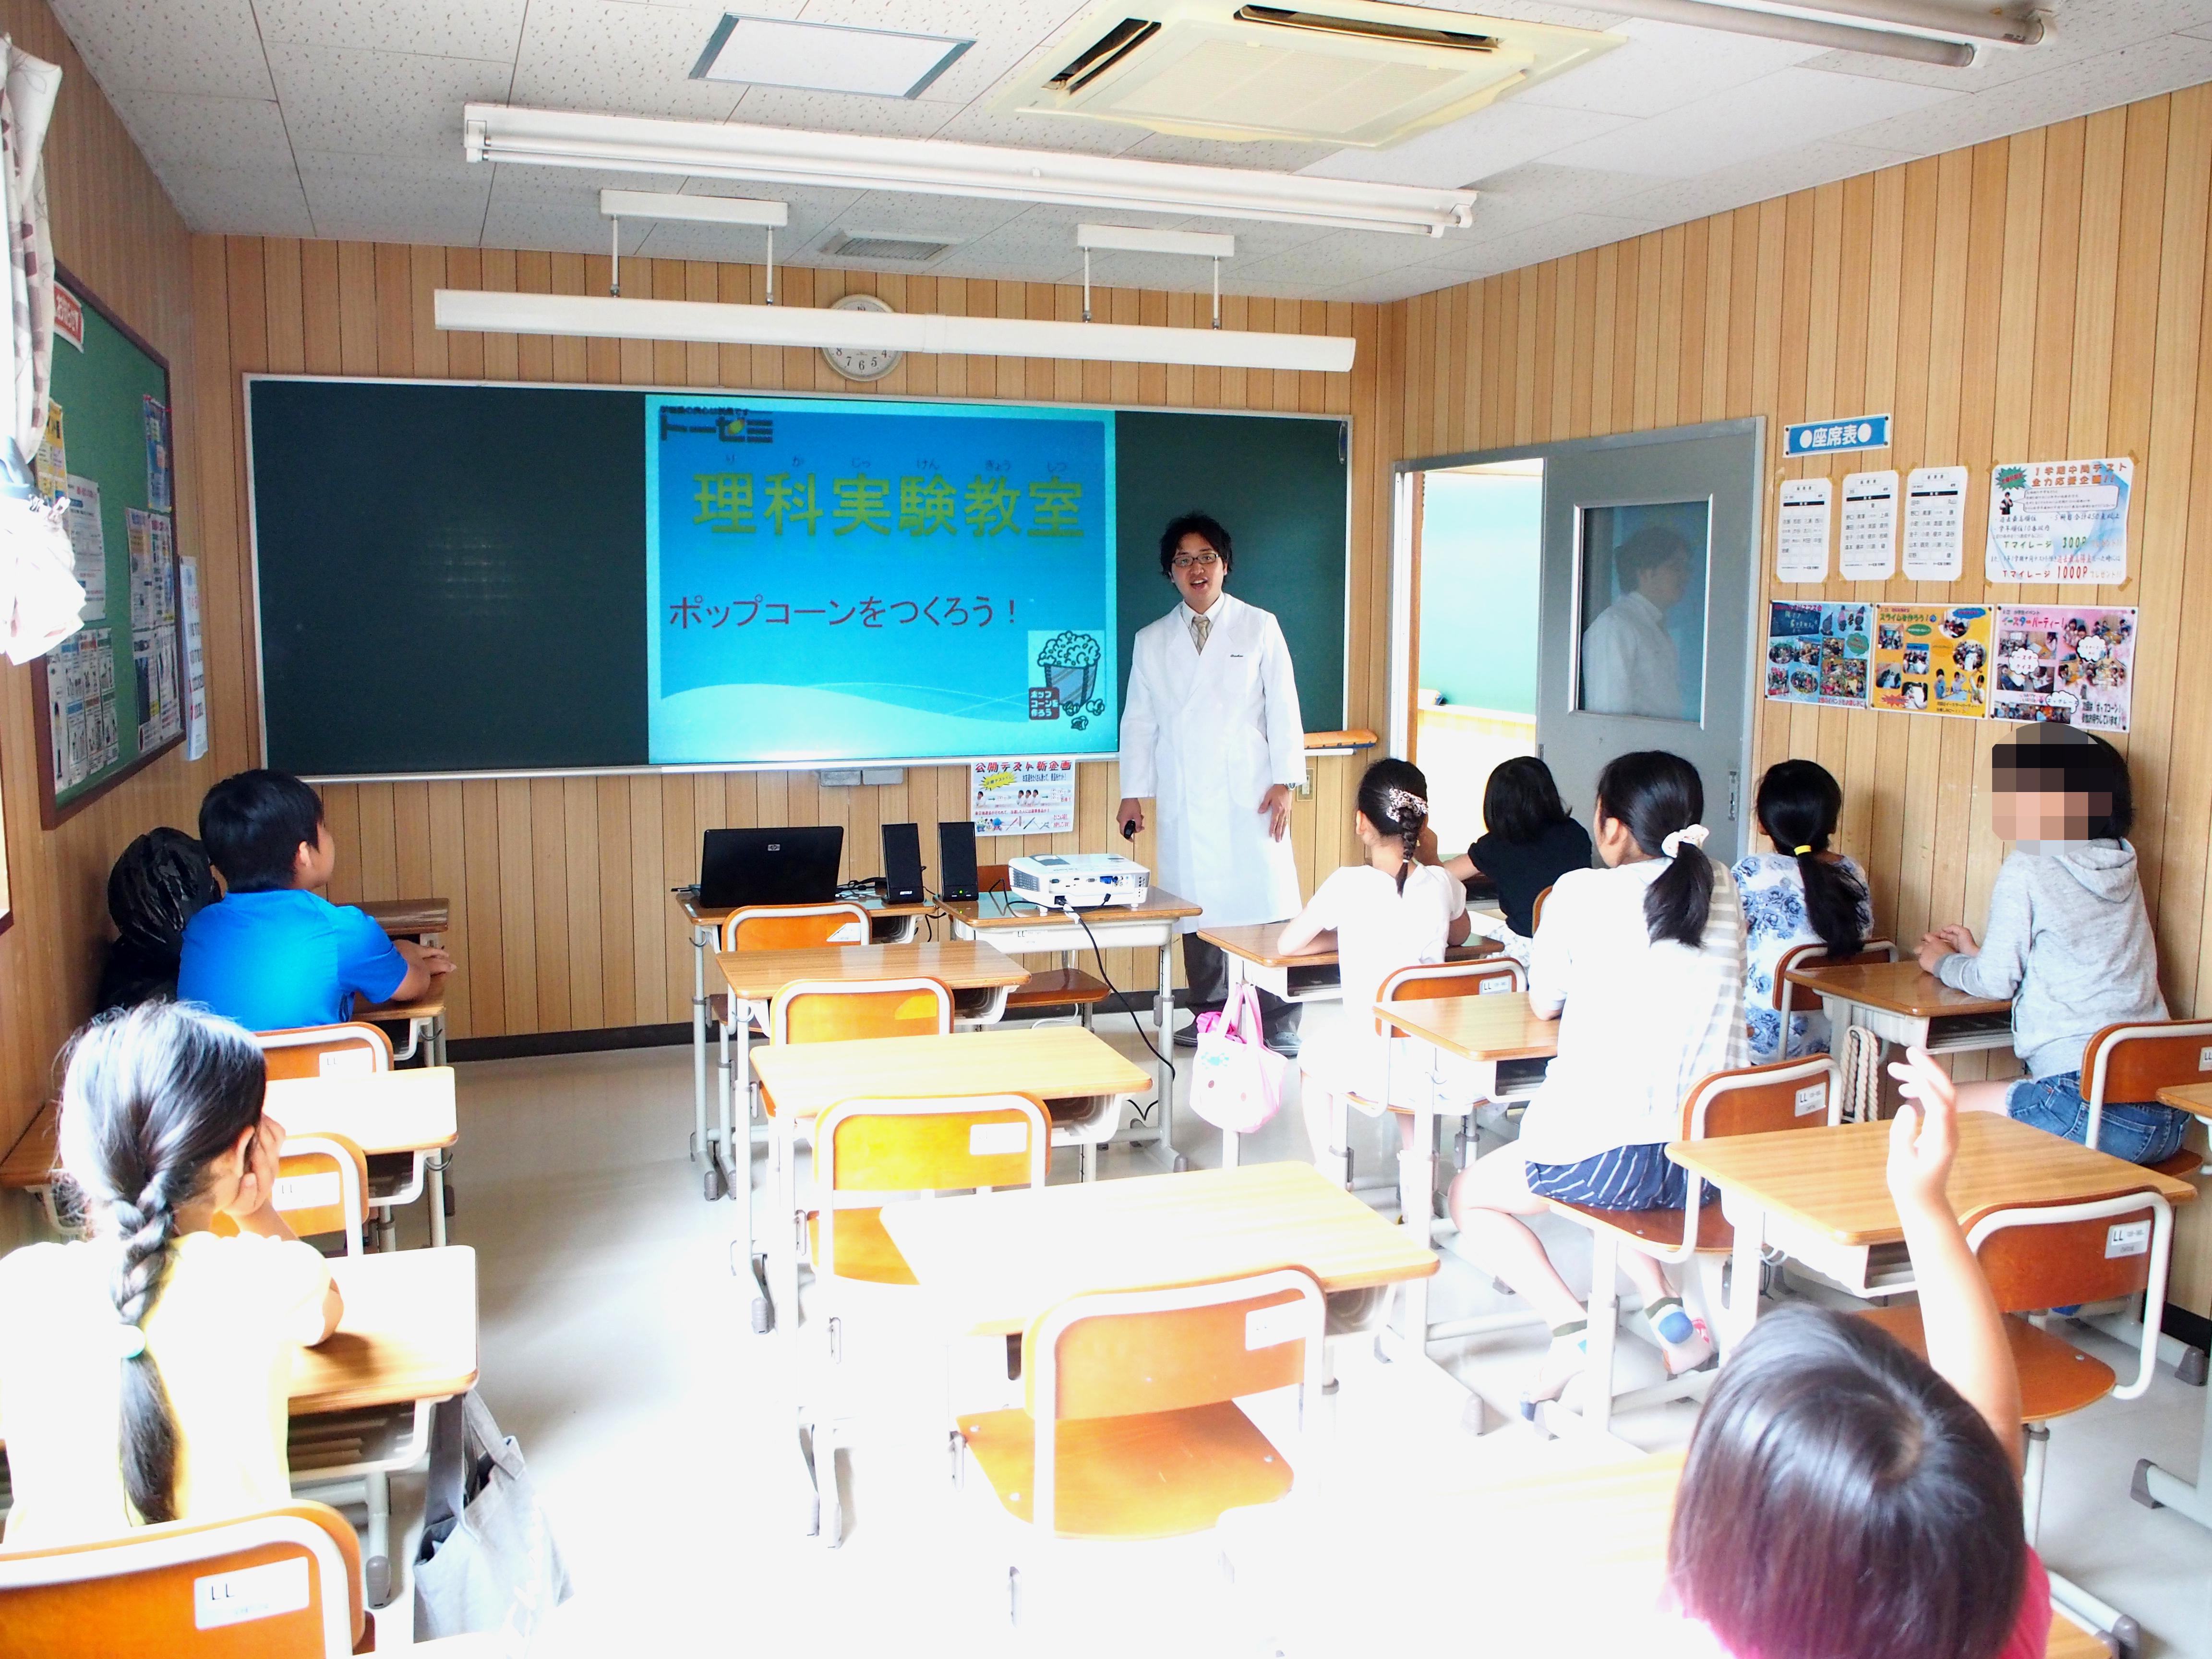 川越市の学習塾トーゼミ笠幡校 小学生理科実験教室